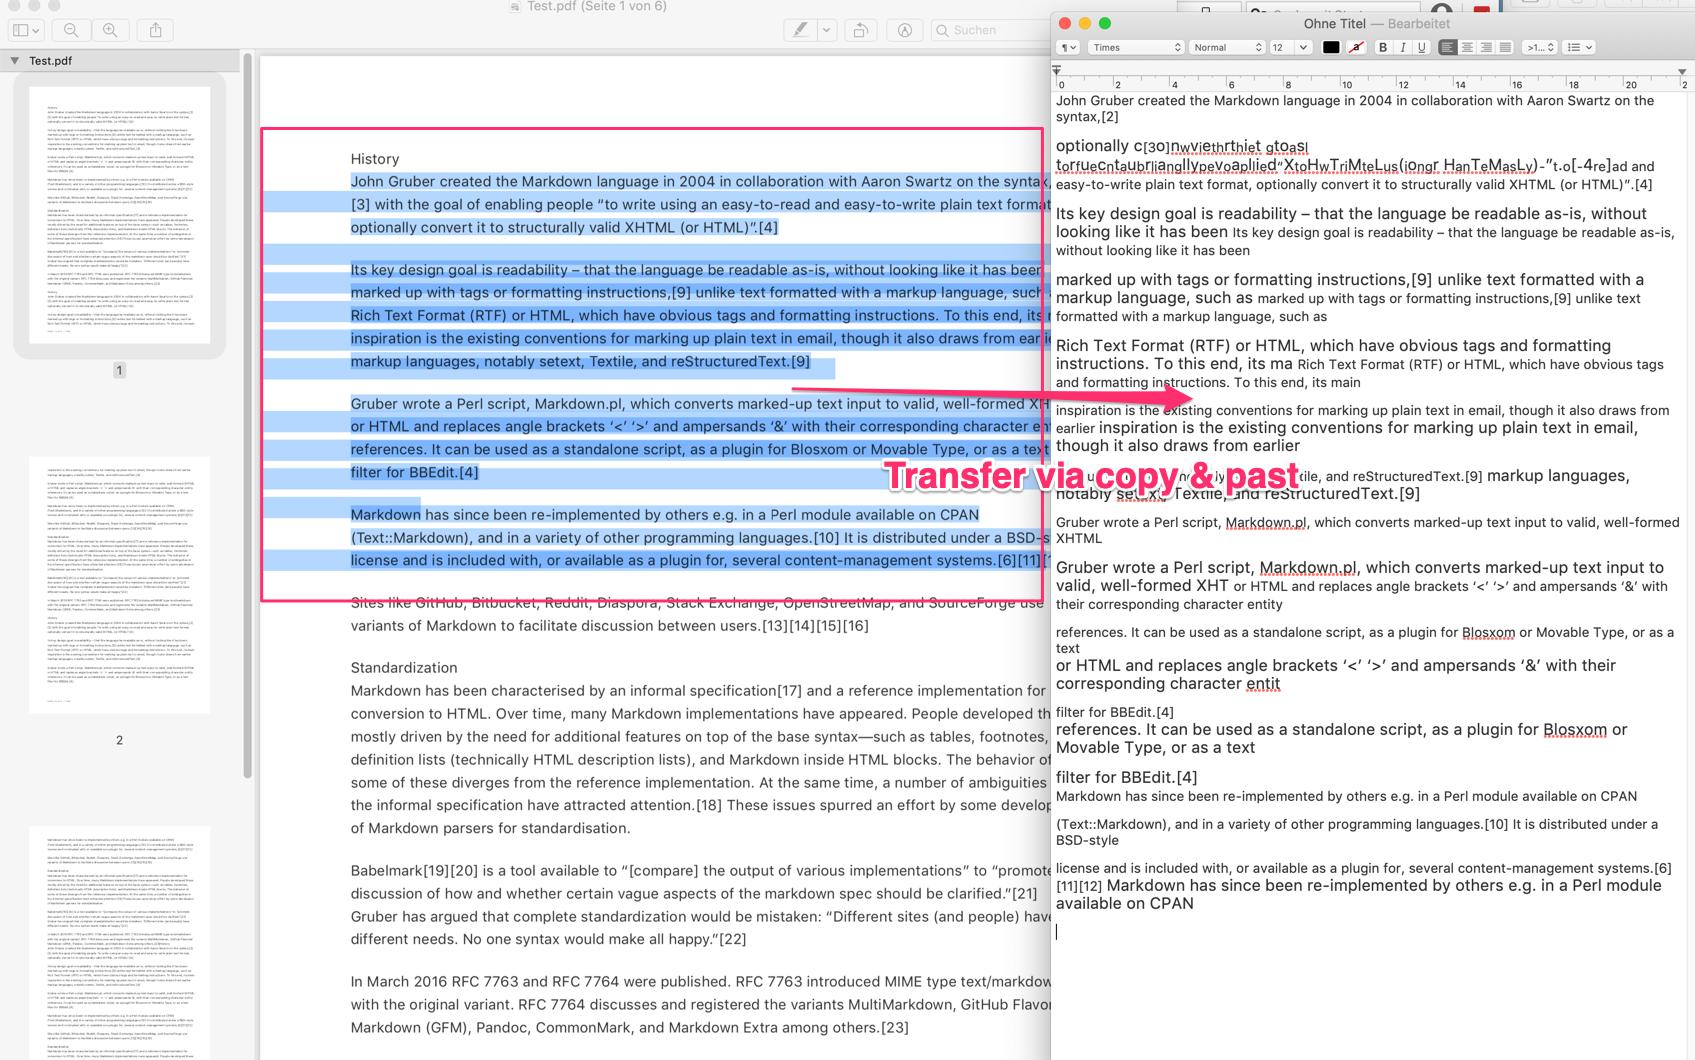 Ohne_titel_und_test_pdf__seite_1_von_6__und_avv-lab191011-1_pdf__seite_2_von_16_